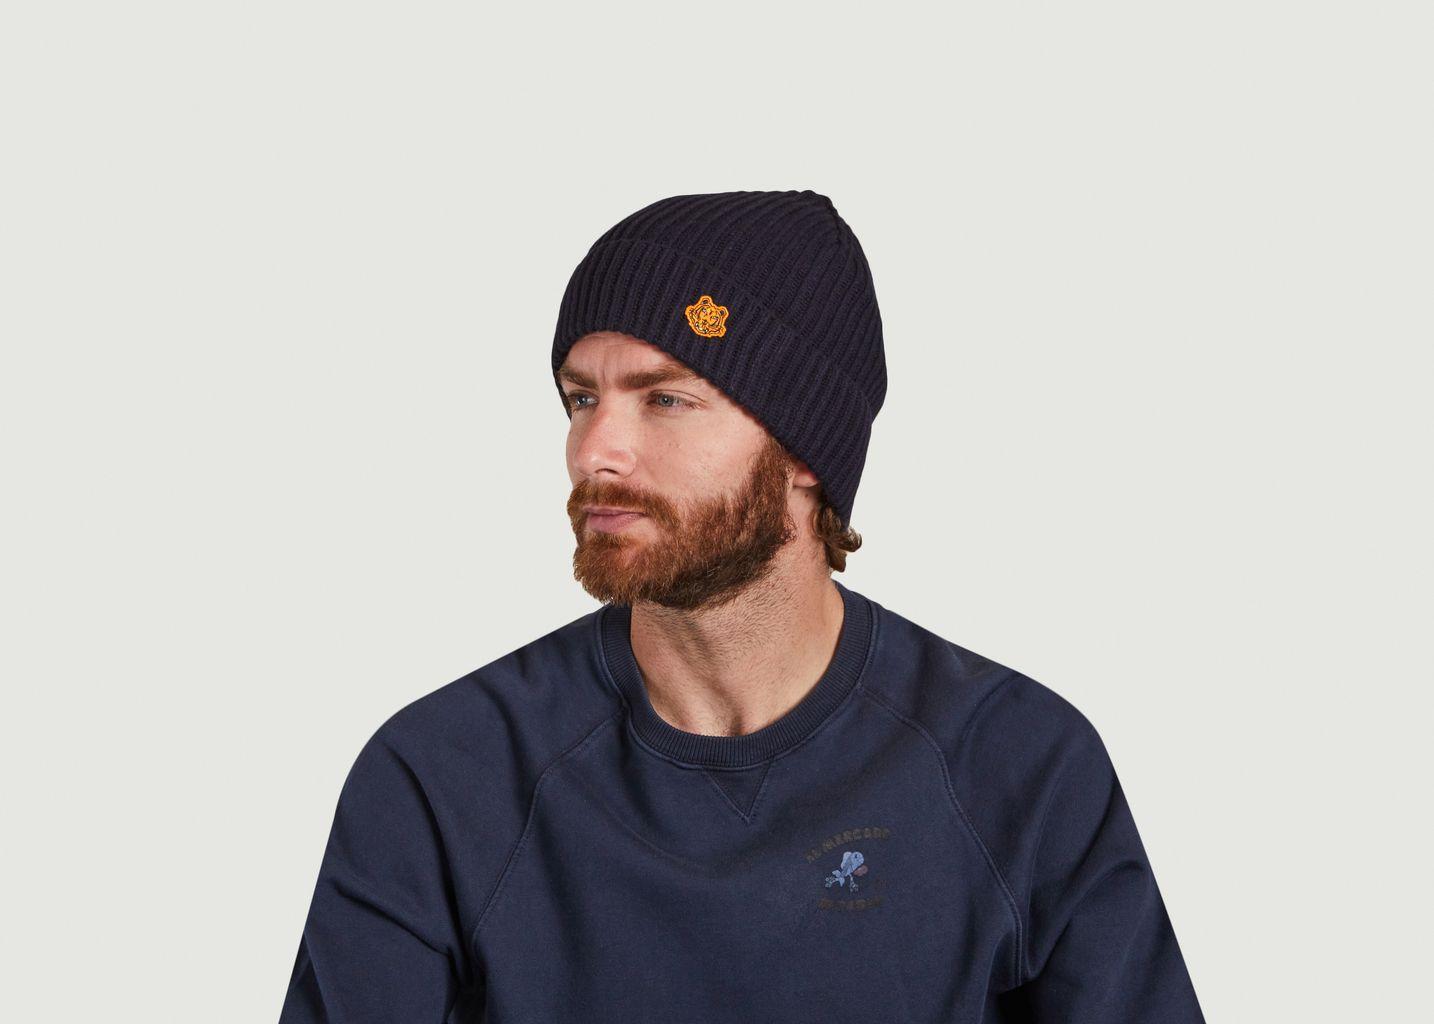 Bonnet en laine Tiger Crest - Kenzo